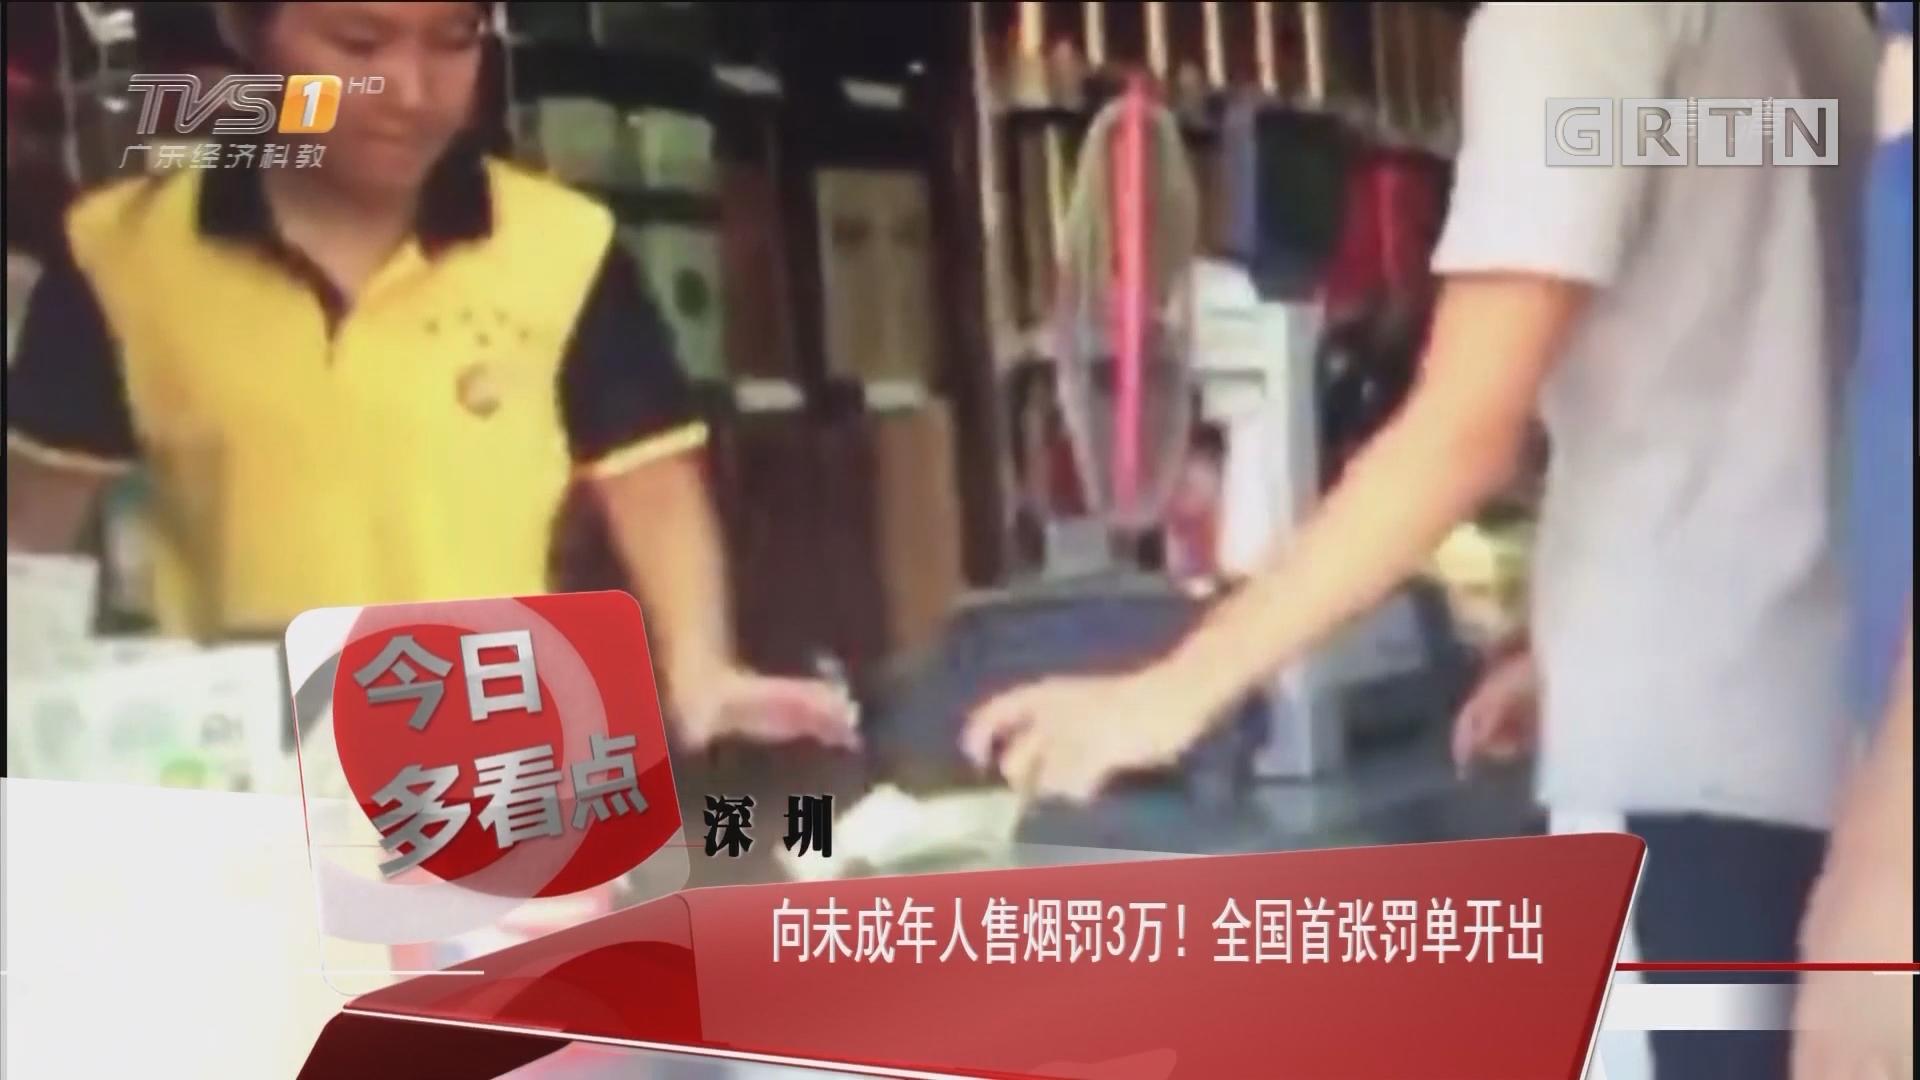 深圳:向未成年人售烟罚3万!全国首张罚单开出